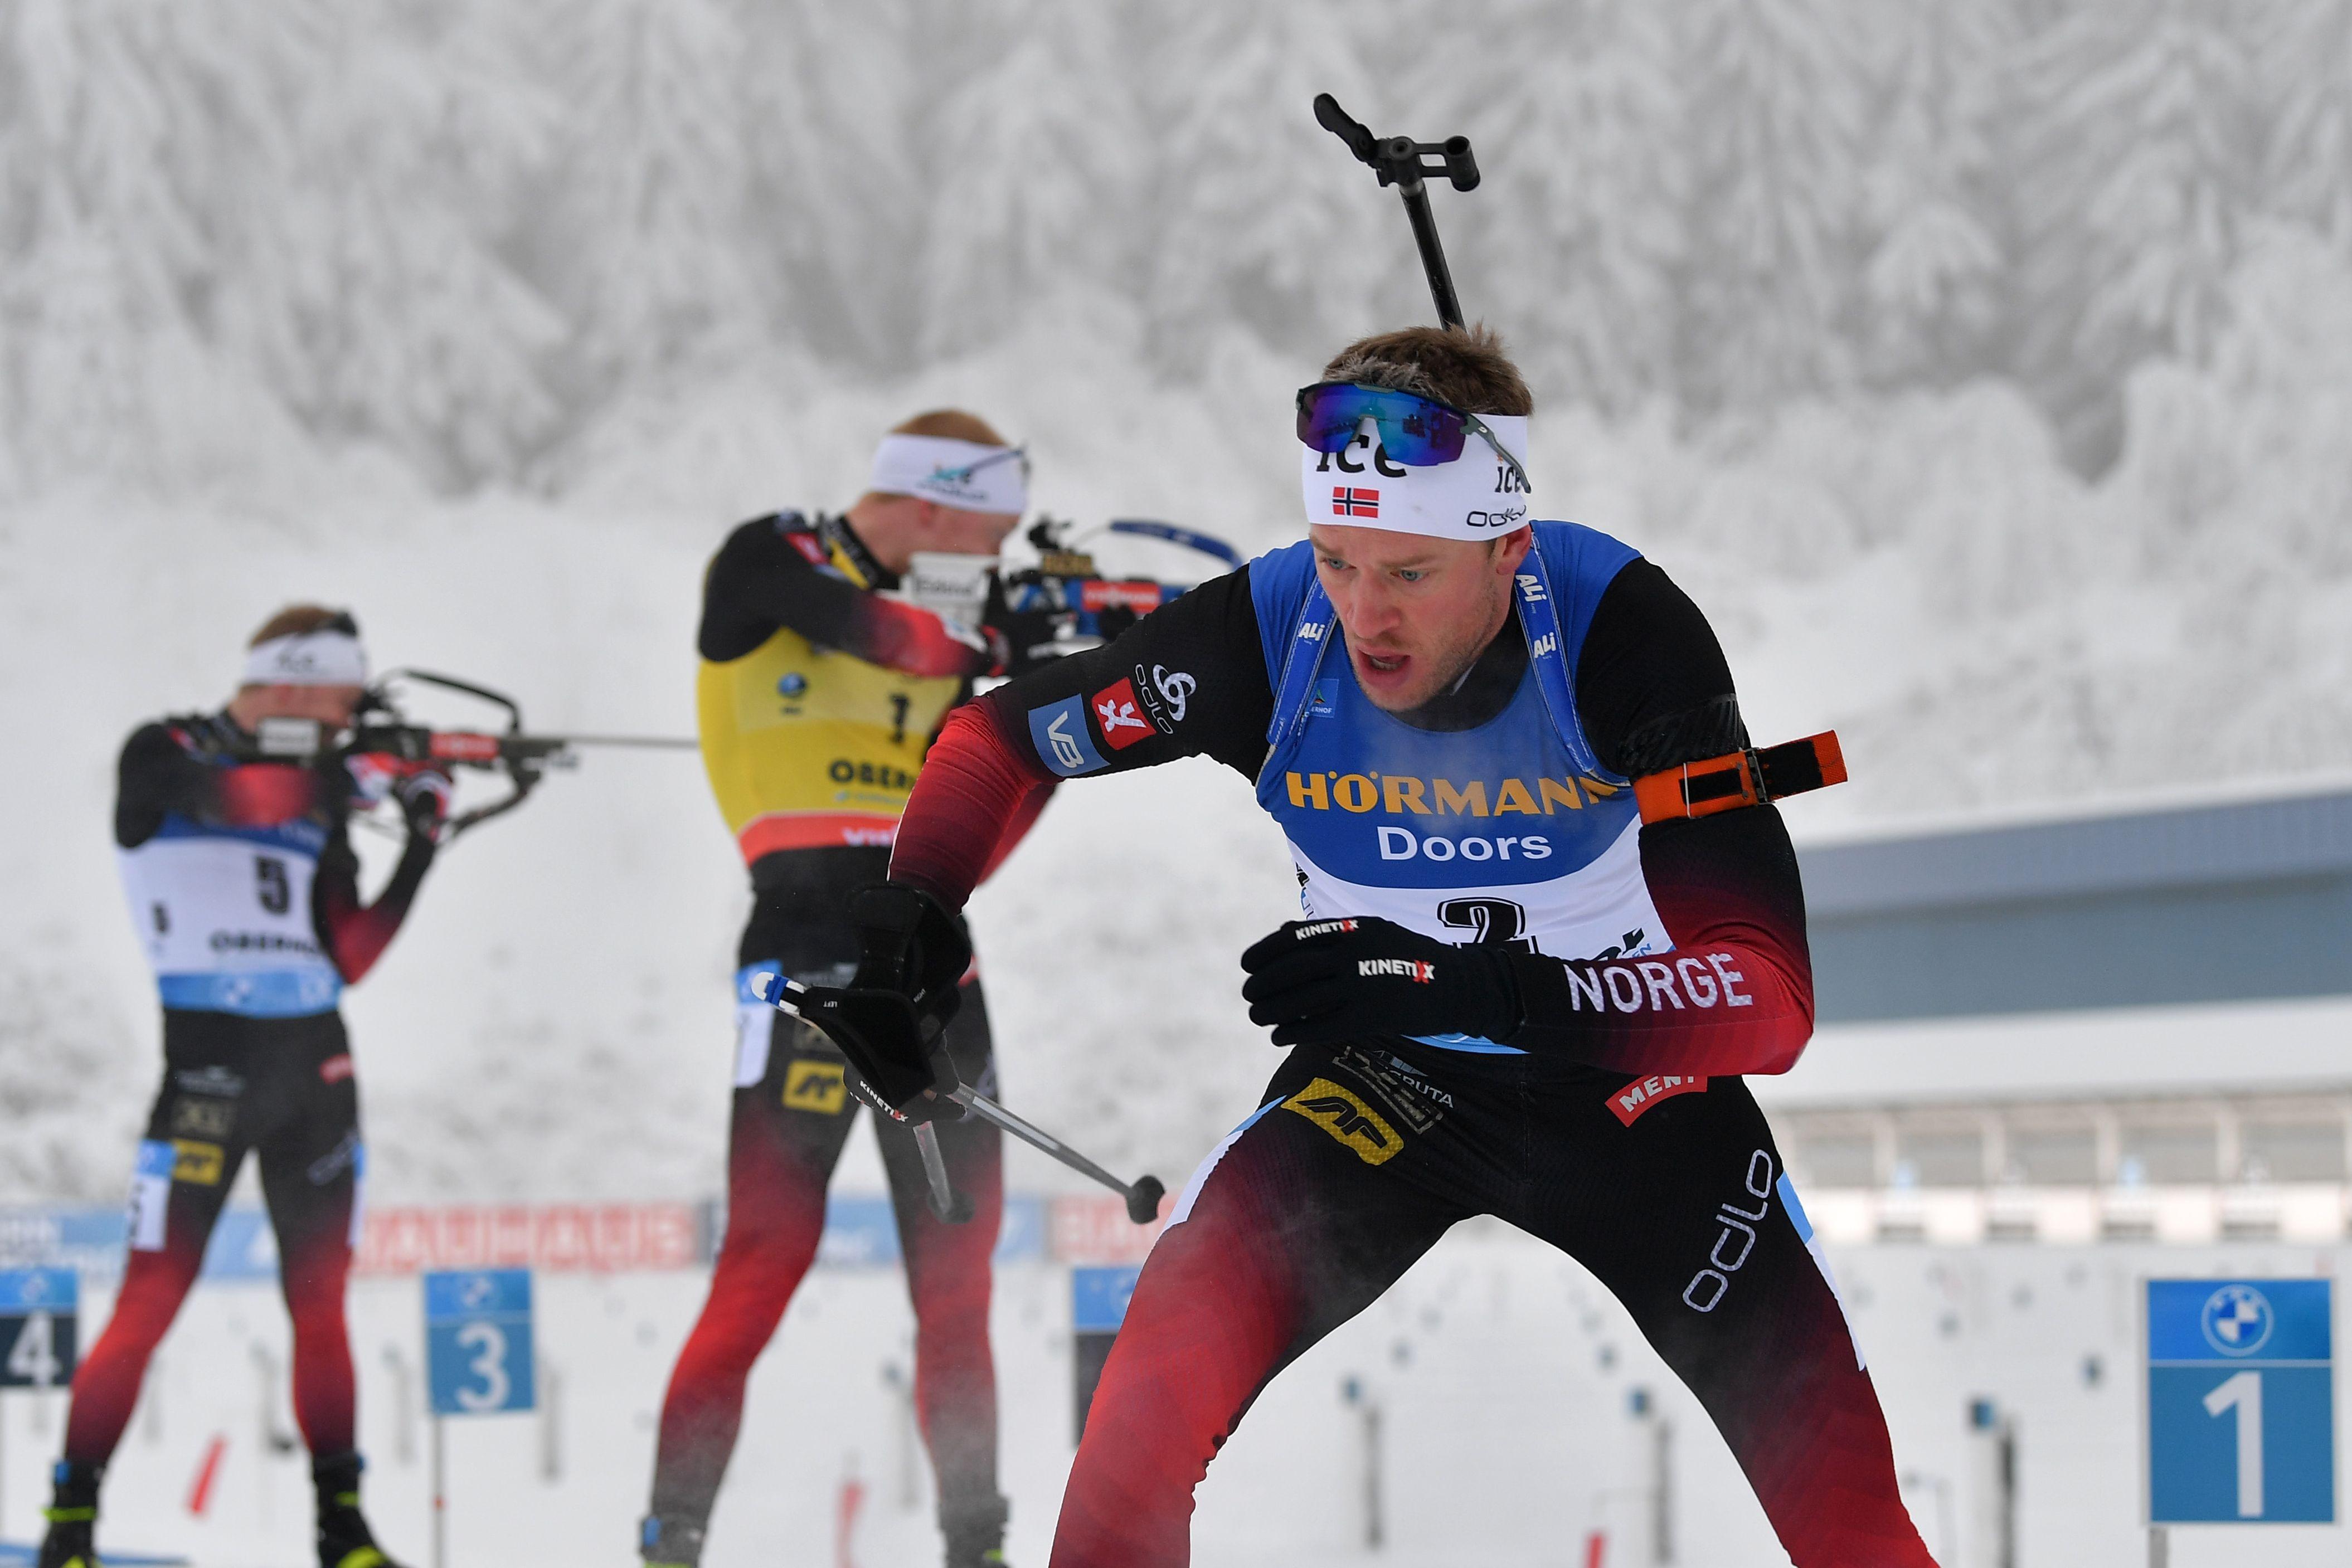 Новый антирекорд сборной России по биатлону — 43 гонки подряд без наград